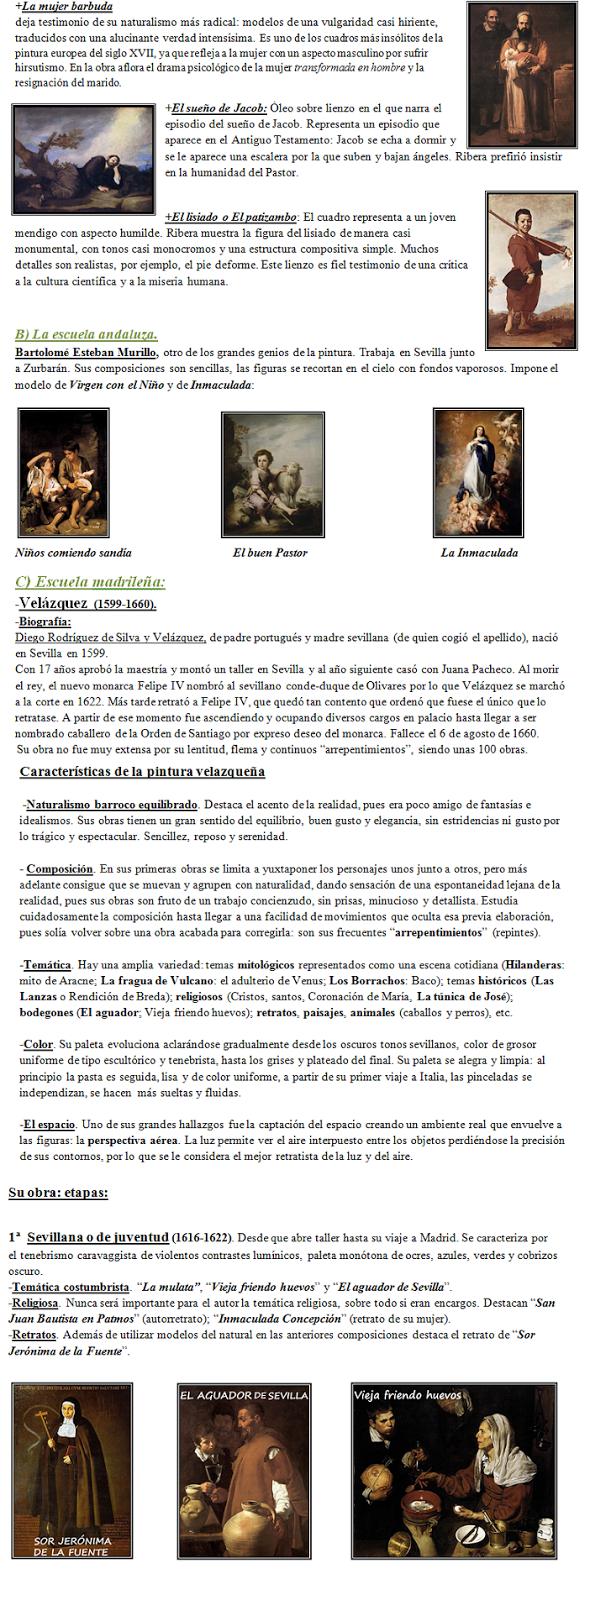 Excepcional Gris S Episodio De La Anatomía Motivo - Imágenes de ...